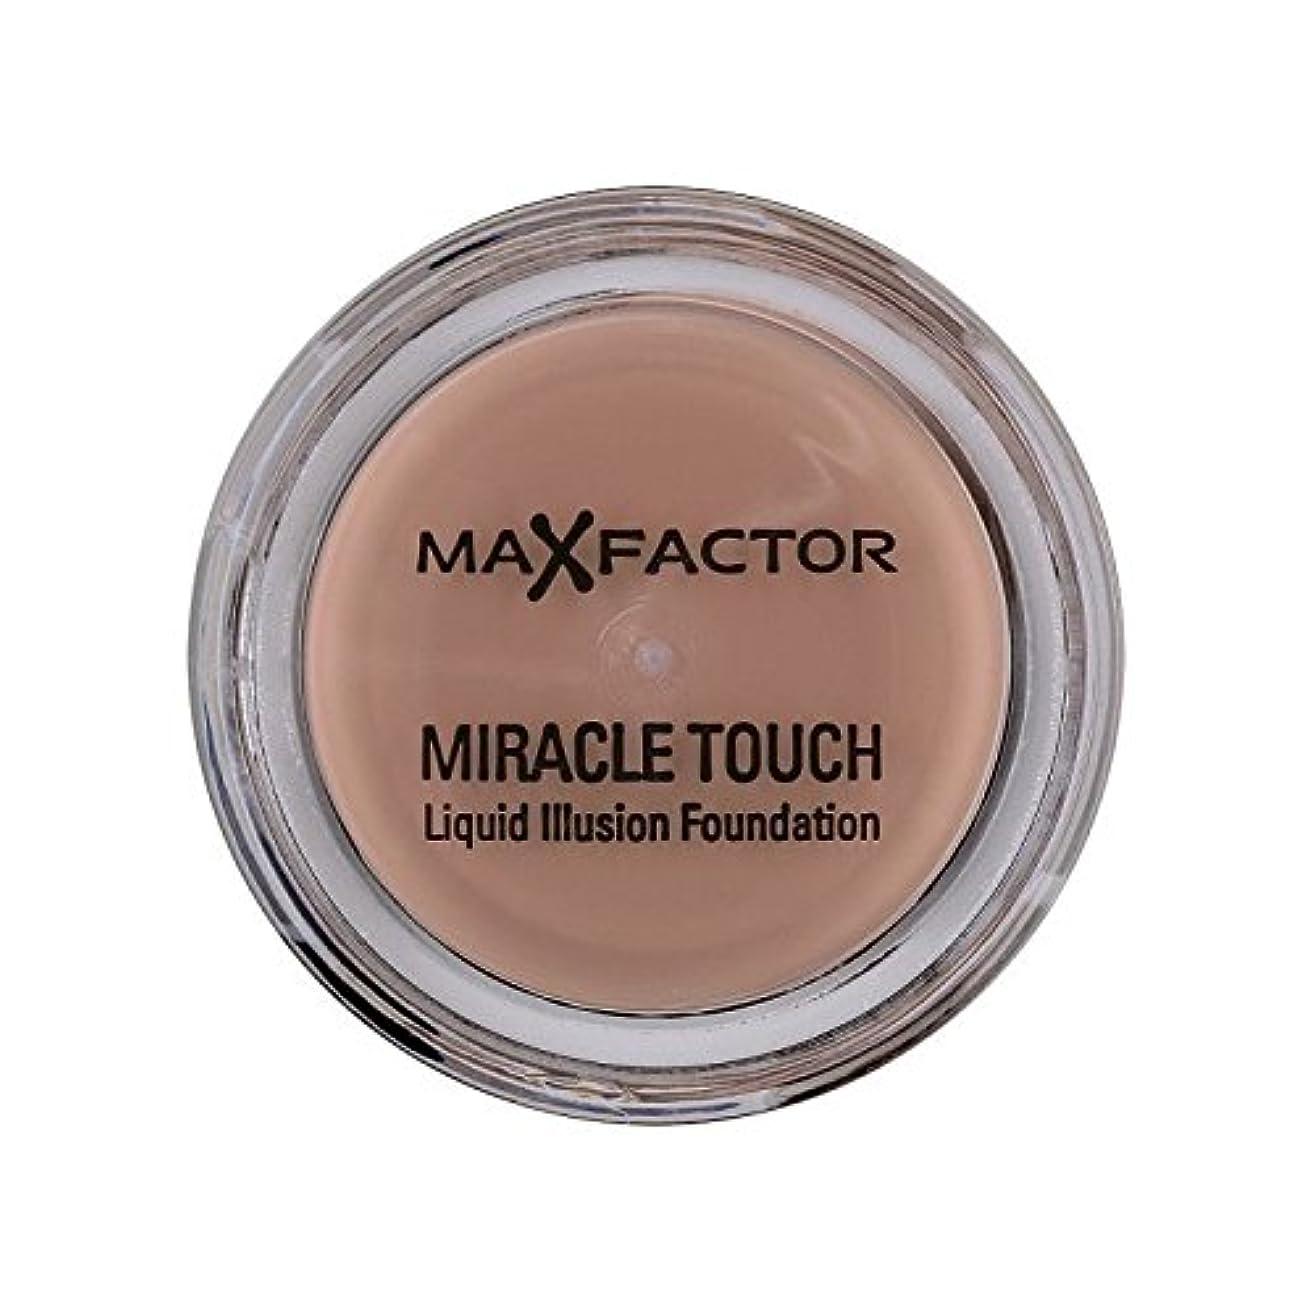 レイア手足水を飲むMax Factor Miracle Touch Foundation Natural 70 - マックスファクターの奇跡のタッチ基盤の自然70 [並行輸入品]